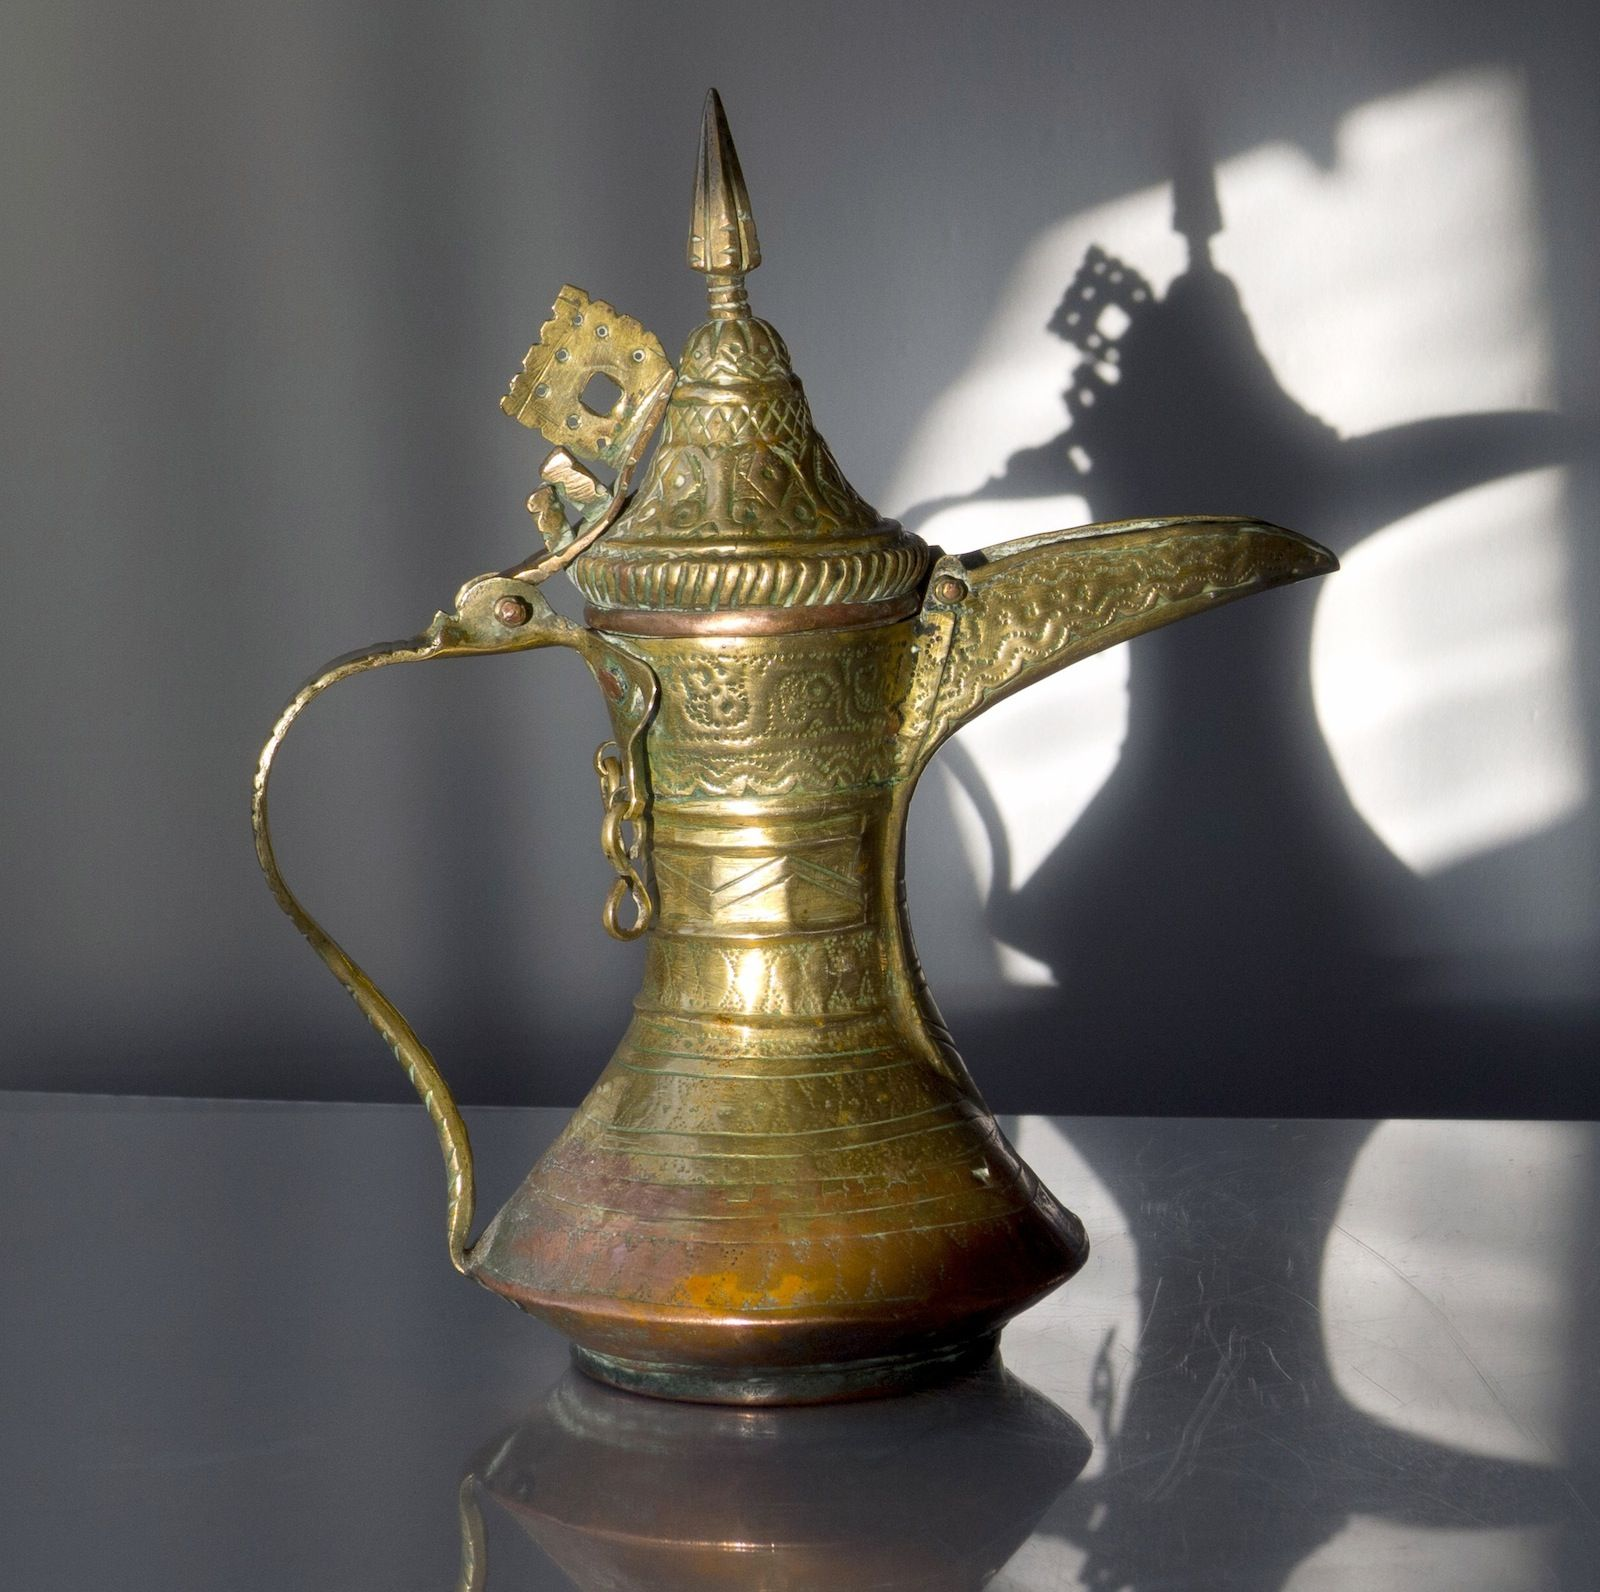 Old Dallah Coffee Pot Gahwa Dallah التحف دلة Coffee Pot Moroccan Decor Coffee